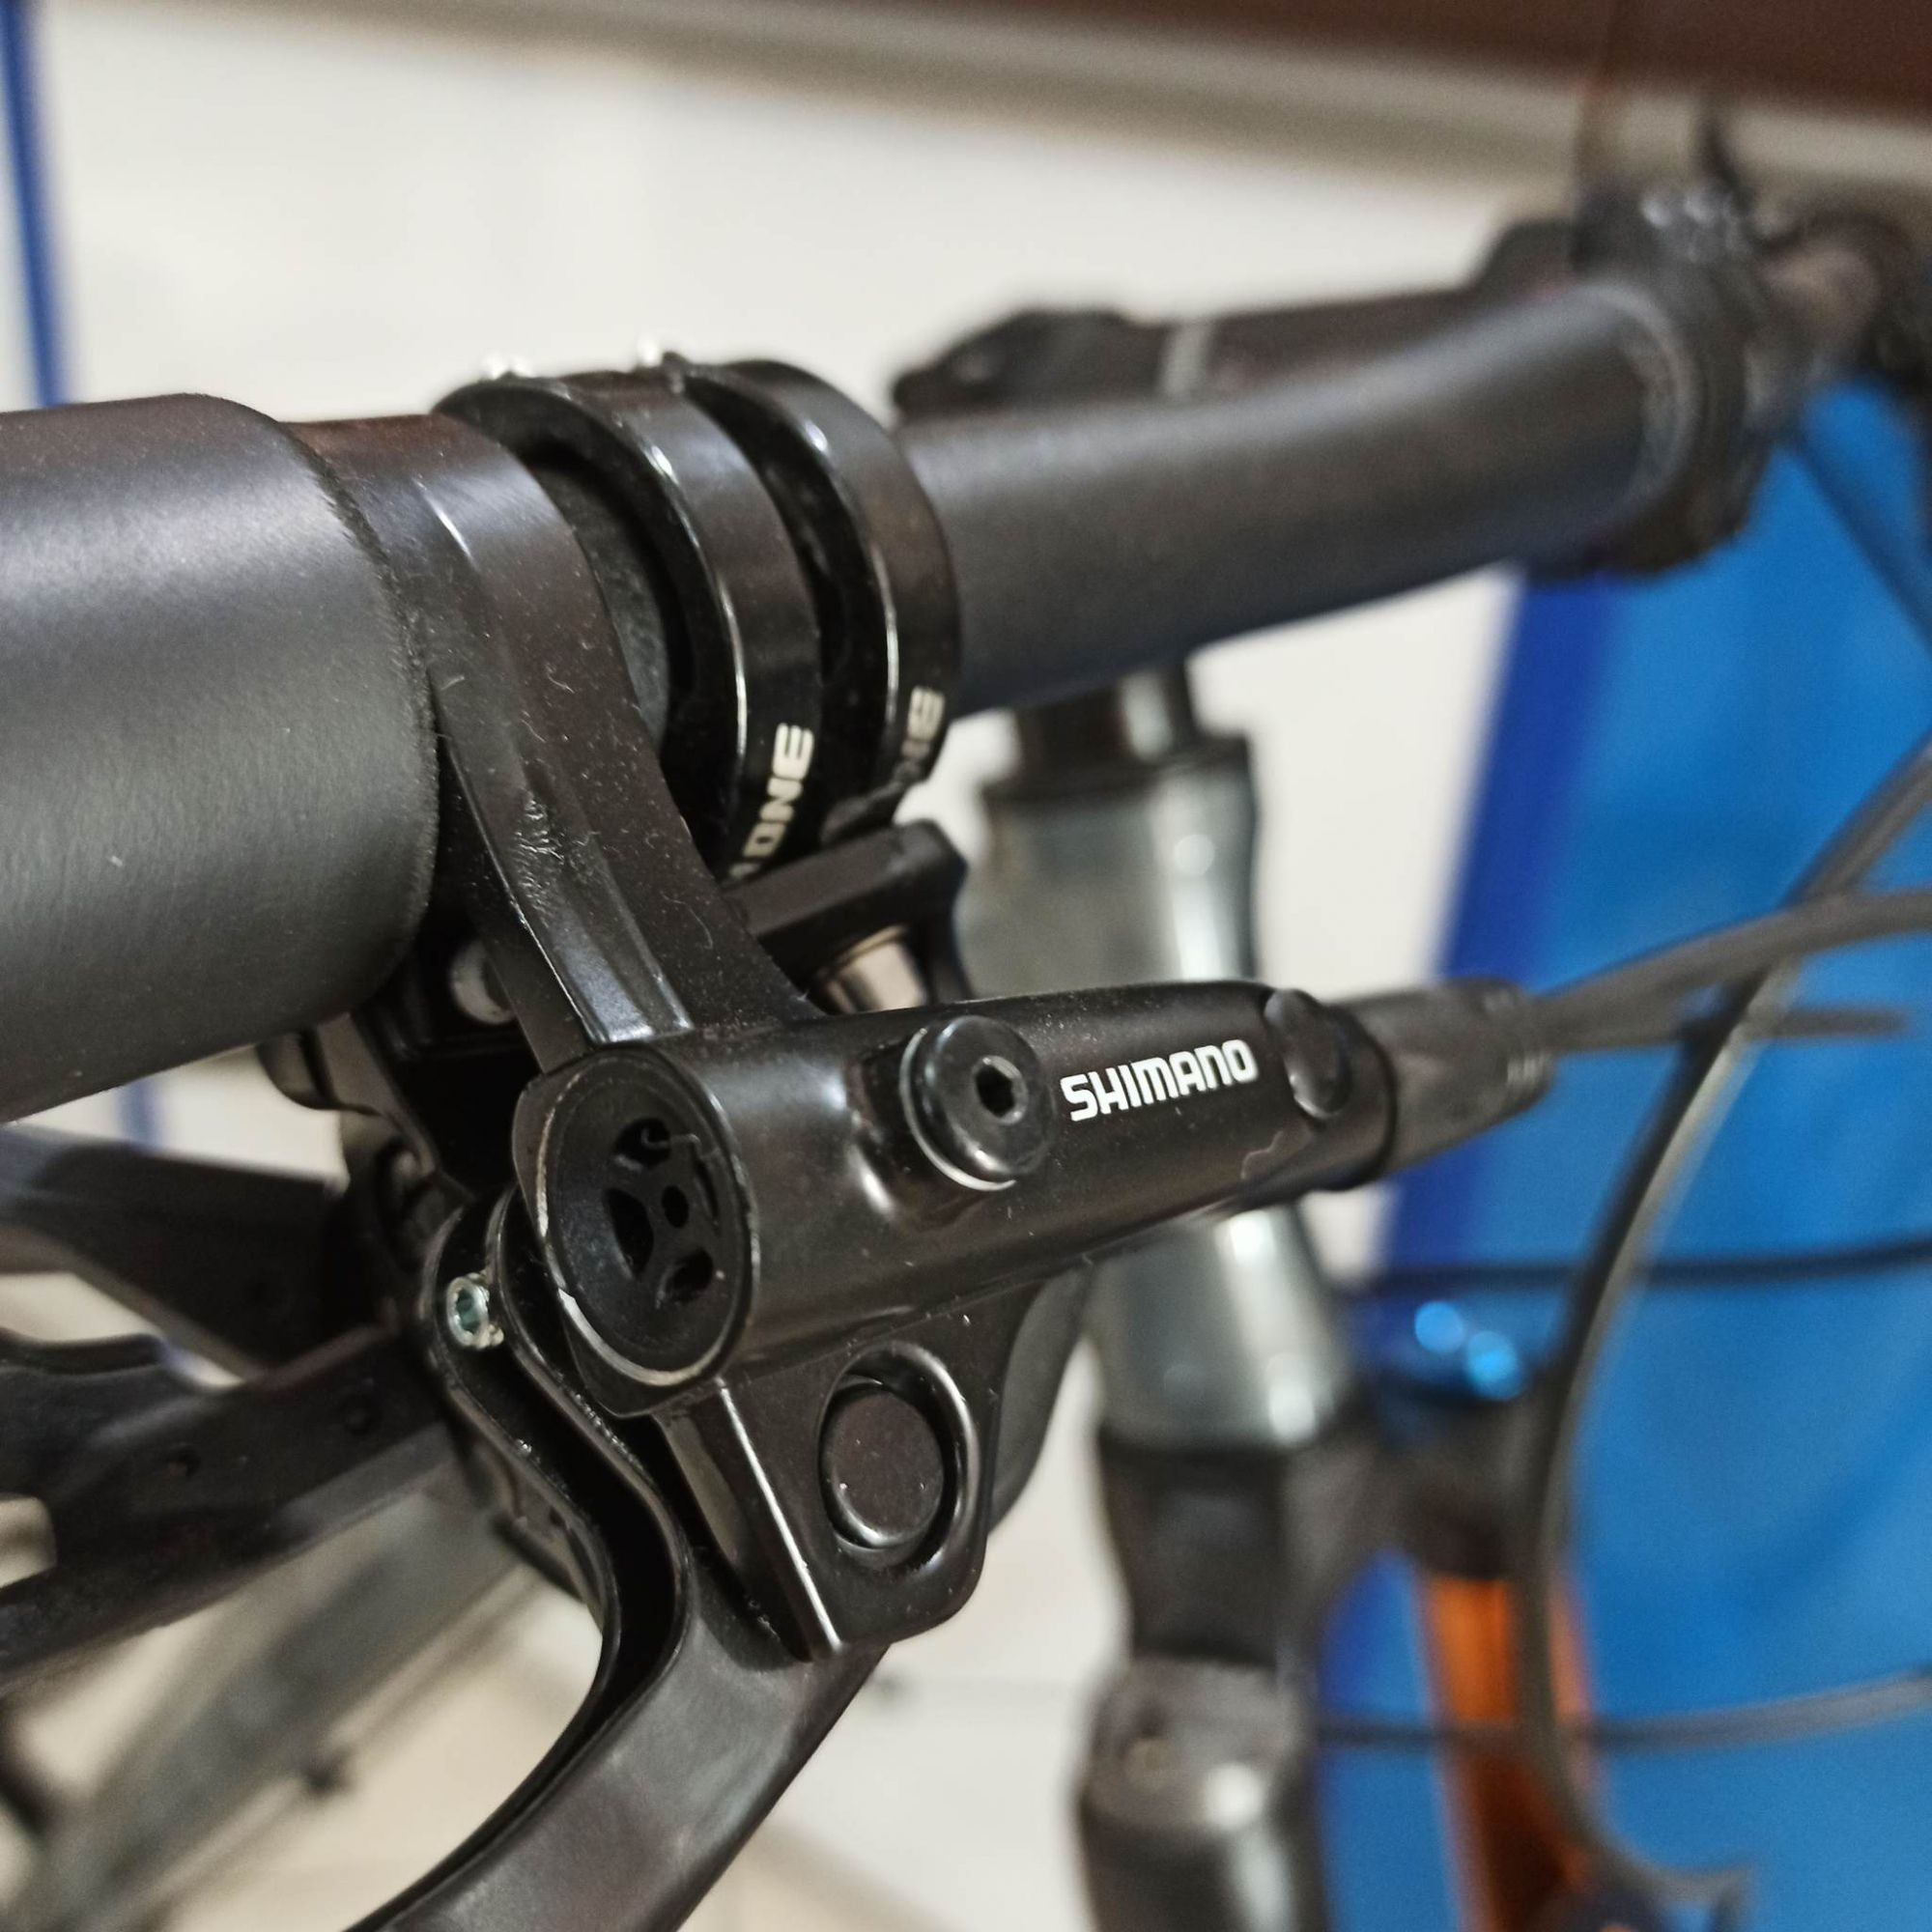 Bicicleta FIRST Lunix aro 29 - 12v Shimano SLX - K7 SLX 10/51 dentes - MELHOR CUSTO BENEFÍCIO DA CATEGORIA